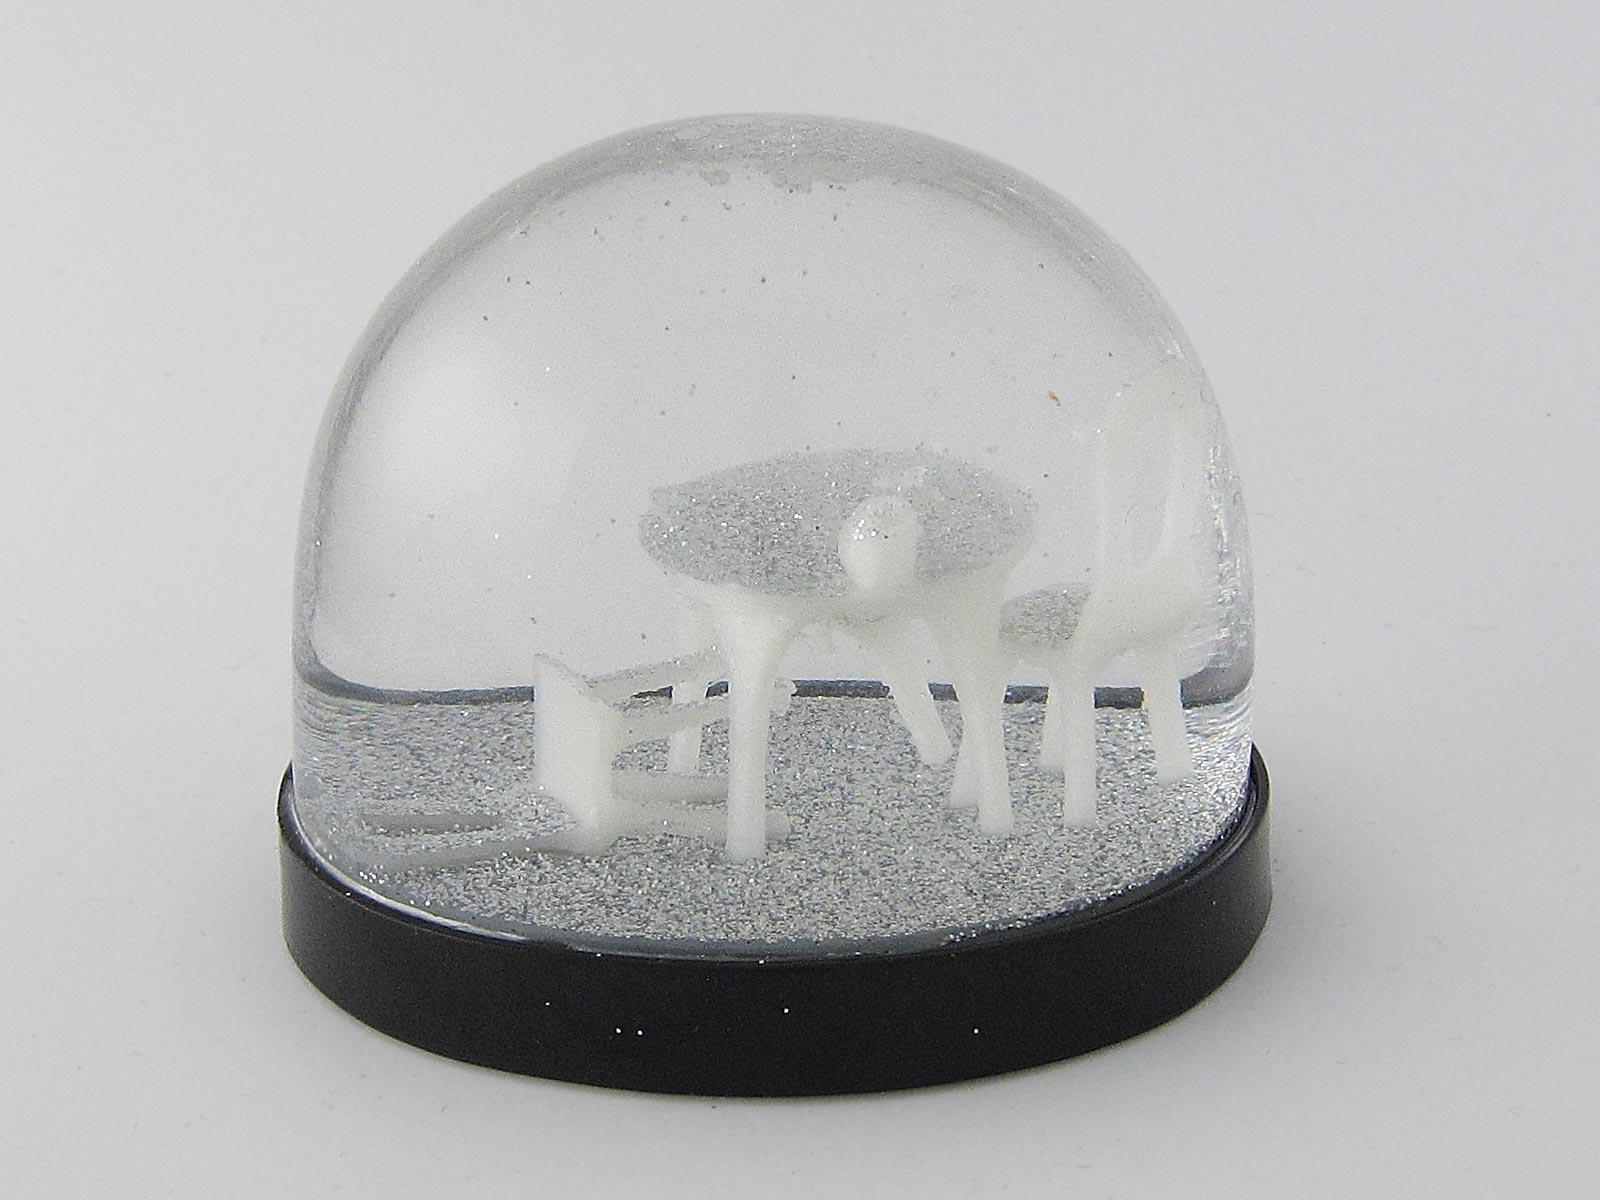 Schneekugel mit Seance